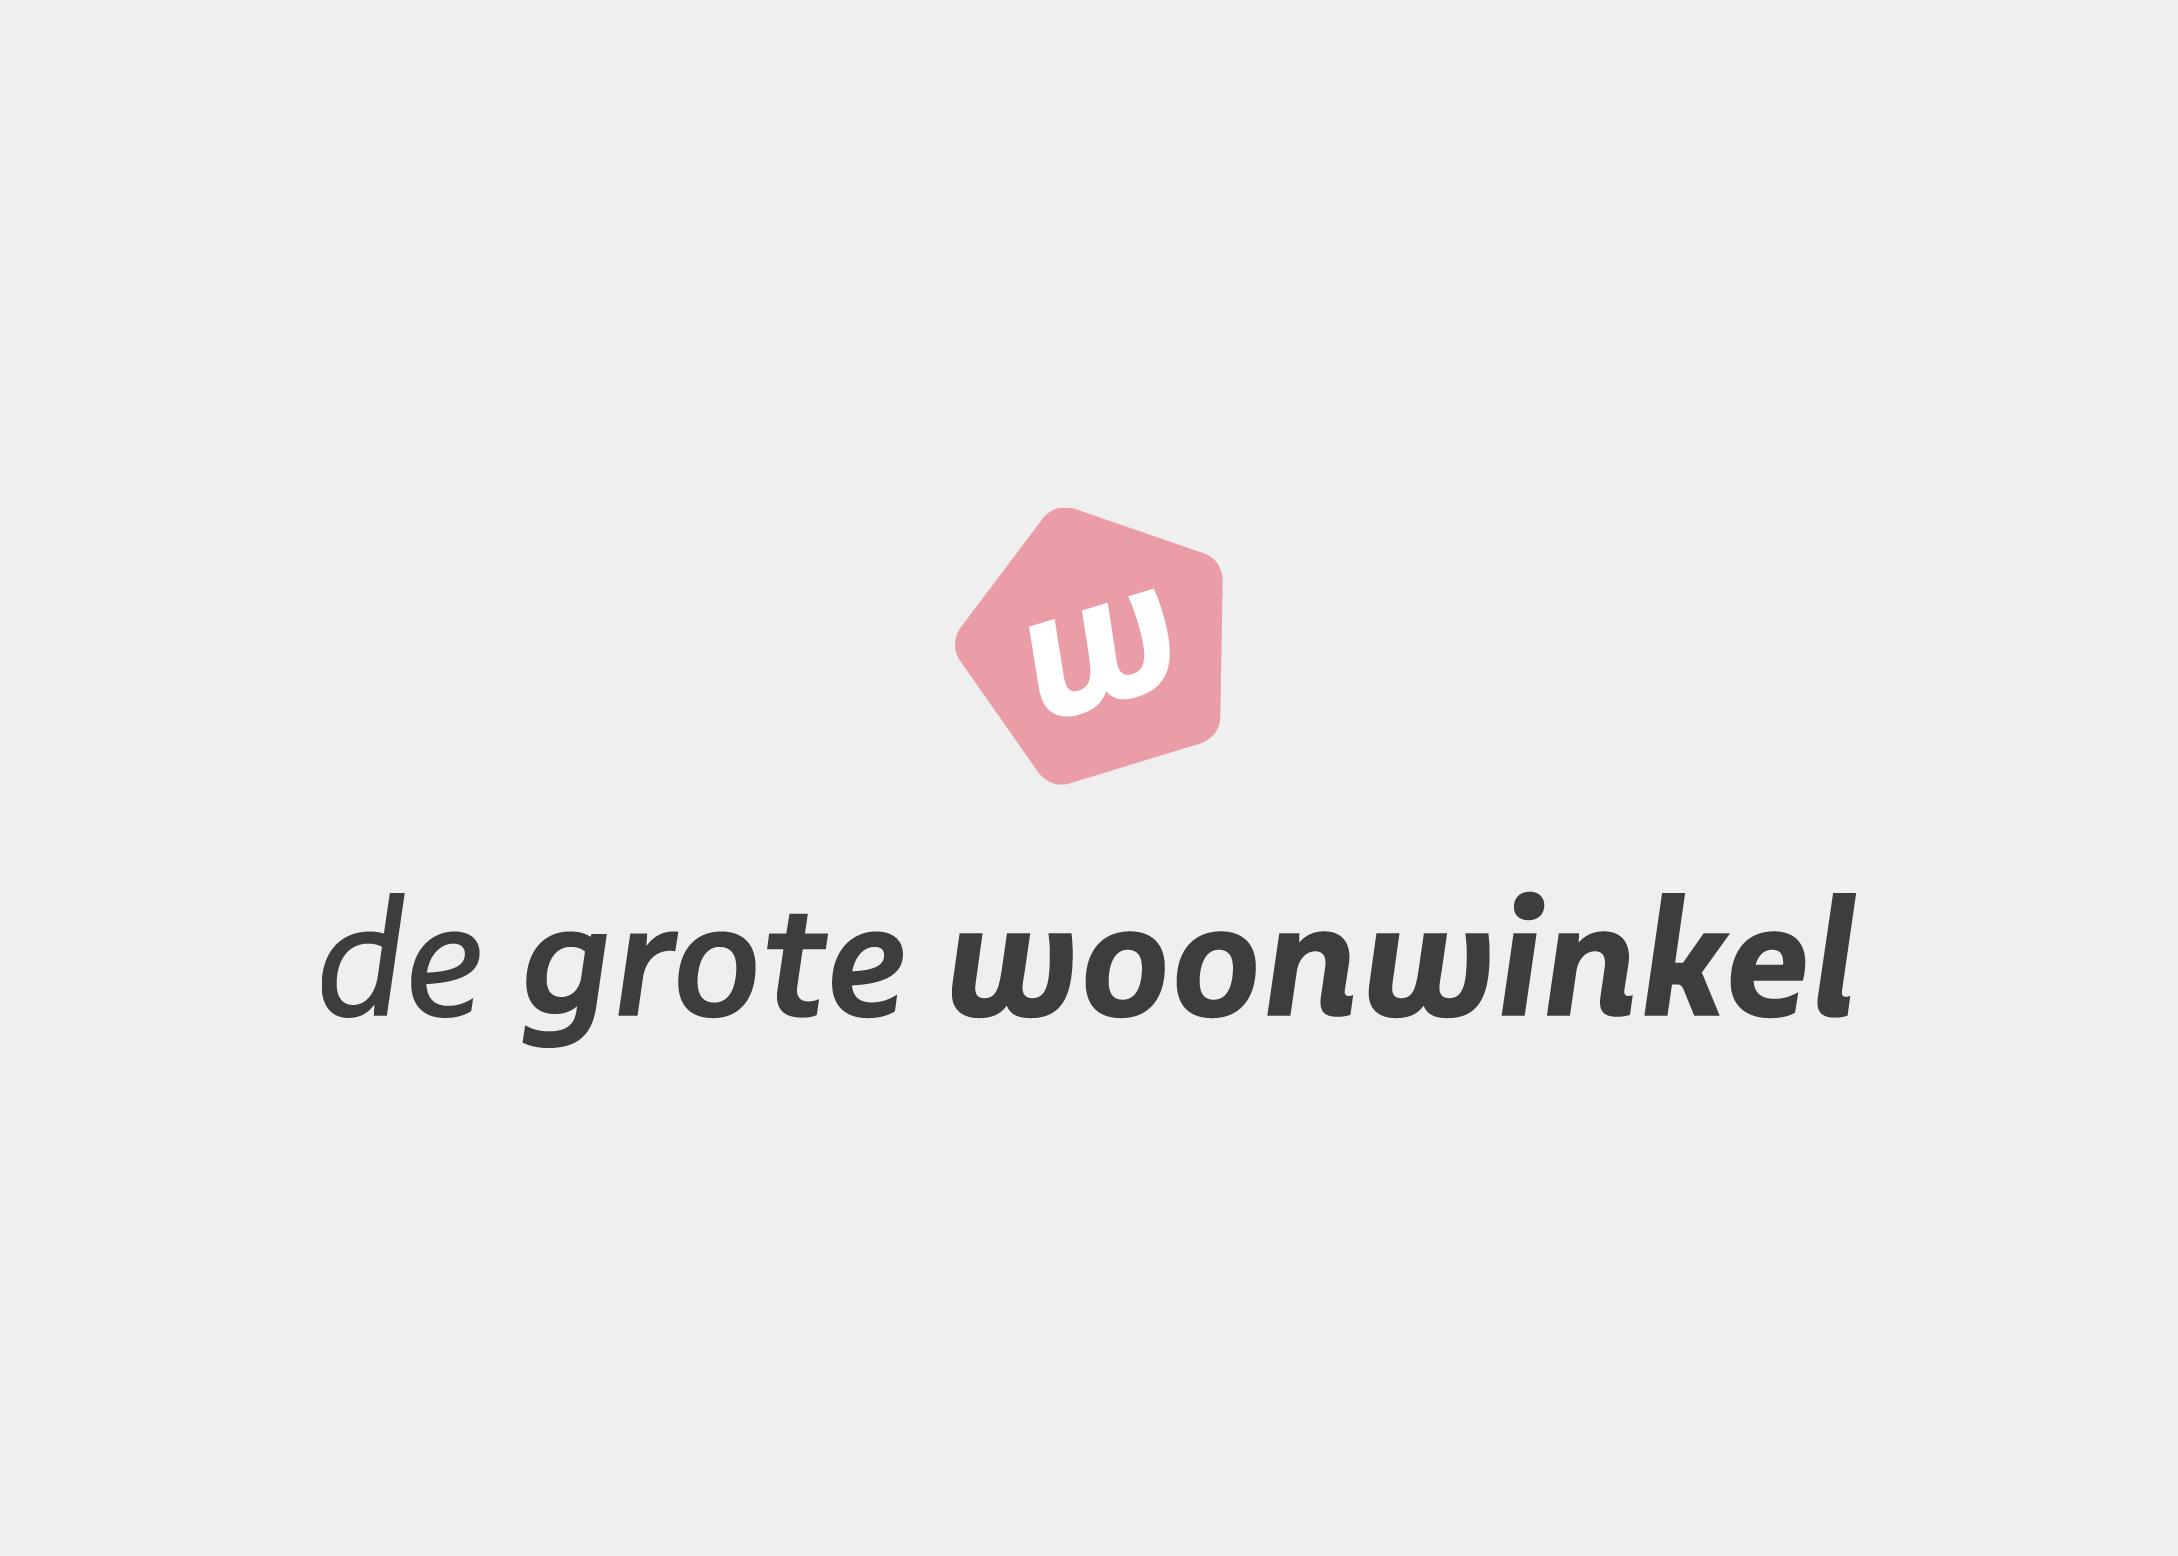 Voorbeeld van een logo ontwerp. Dit ontwerp logo is voor De Grote Woonwinkel. Gemaakt door ontwerpbureau: burowit in Kampen. Creatief in film en ontwerp.